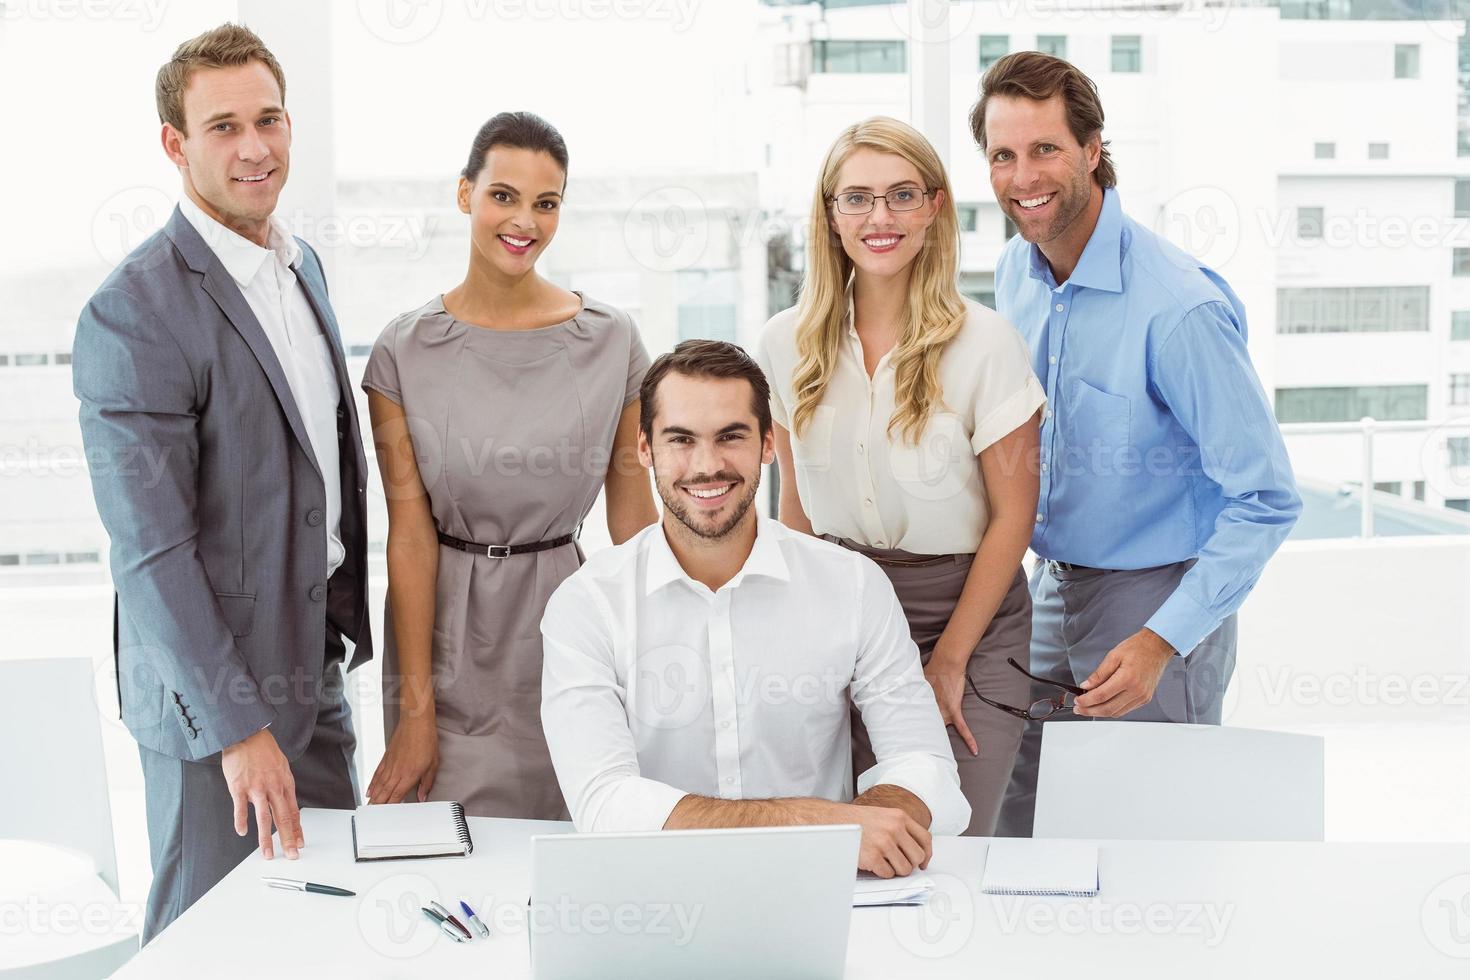 porträtt av affärsmän på kontoret foto